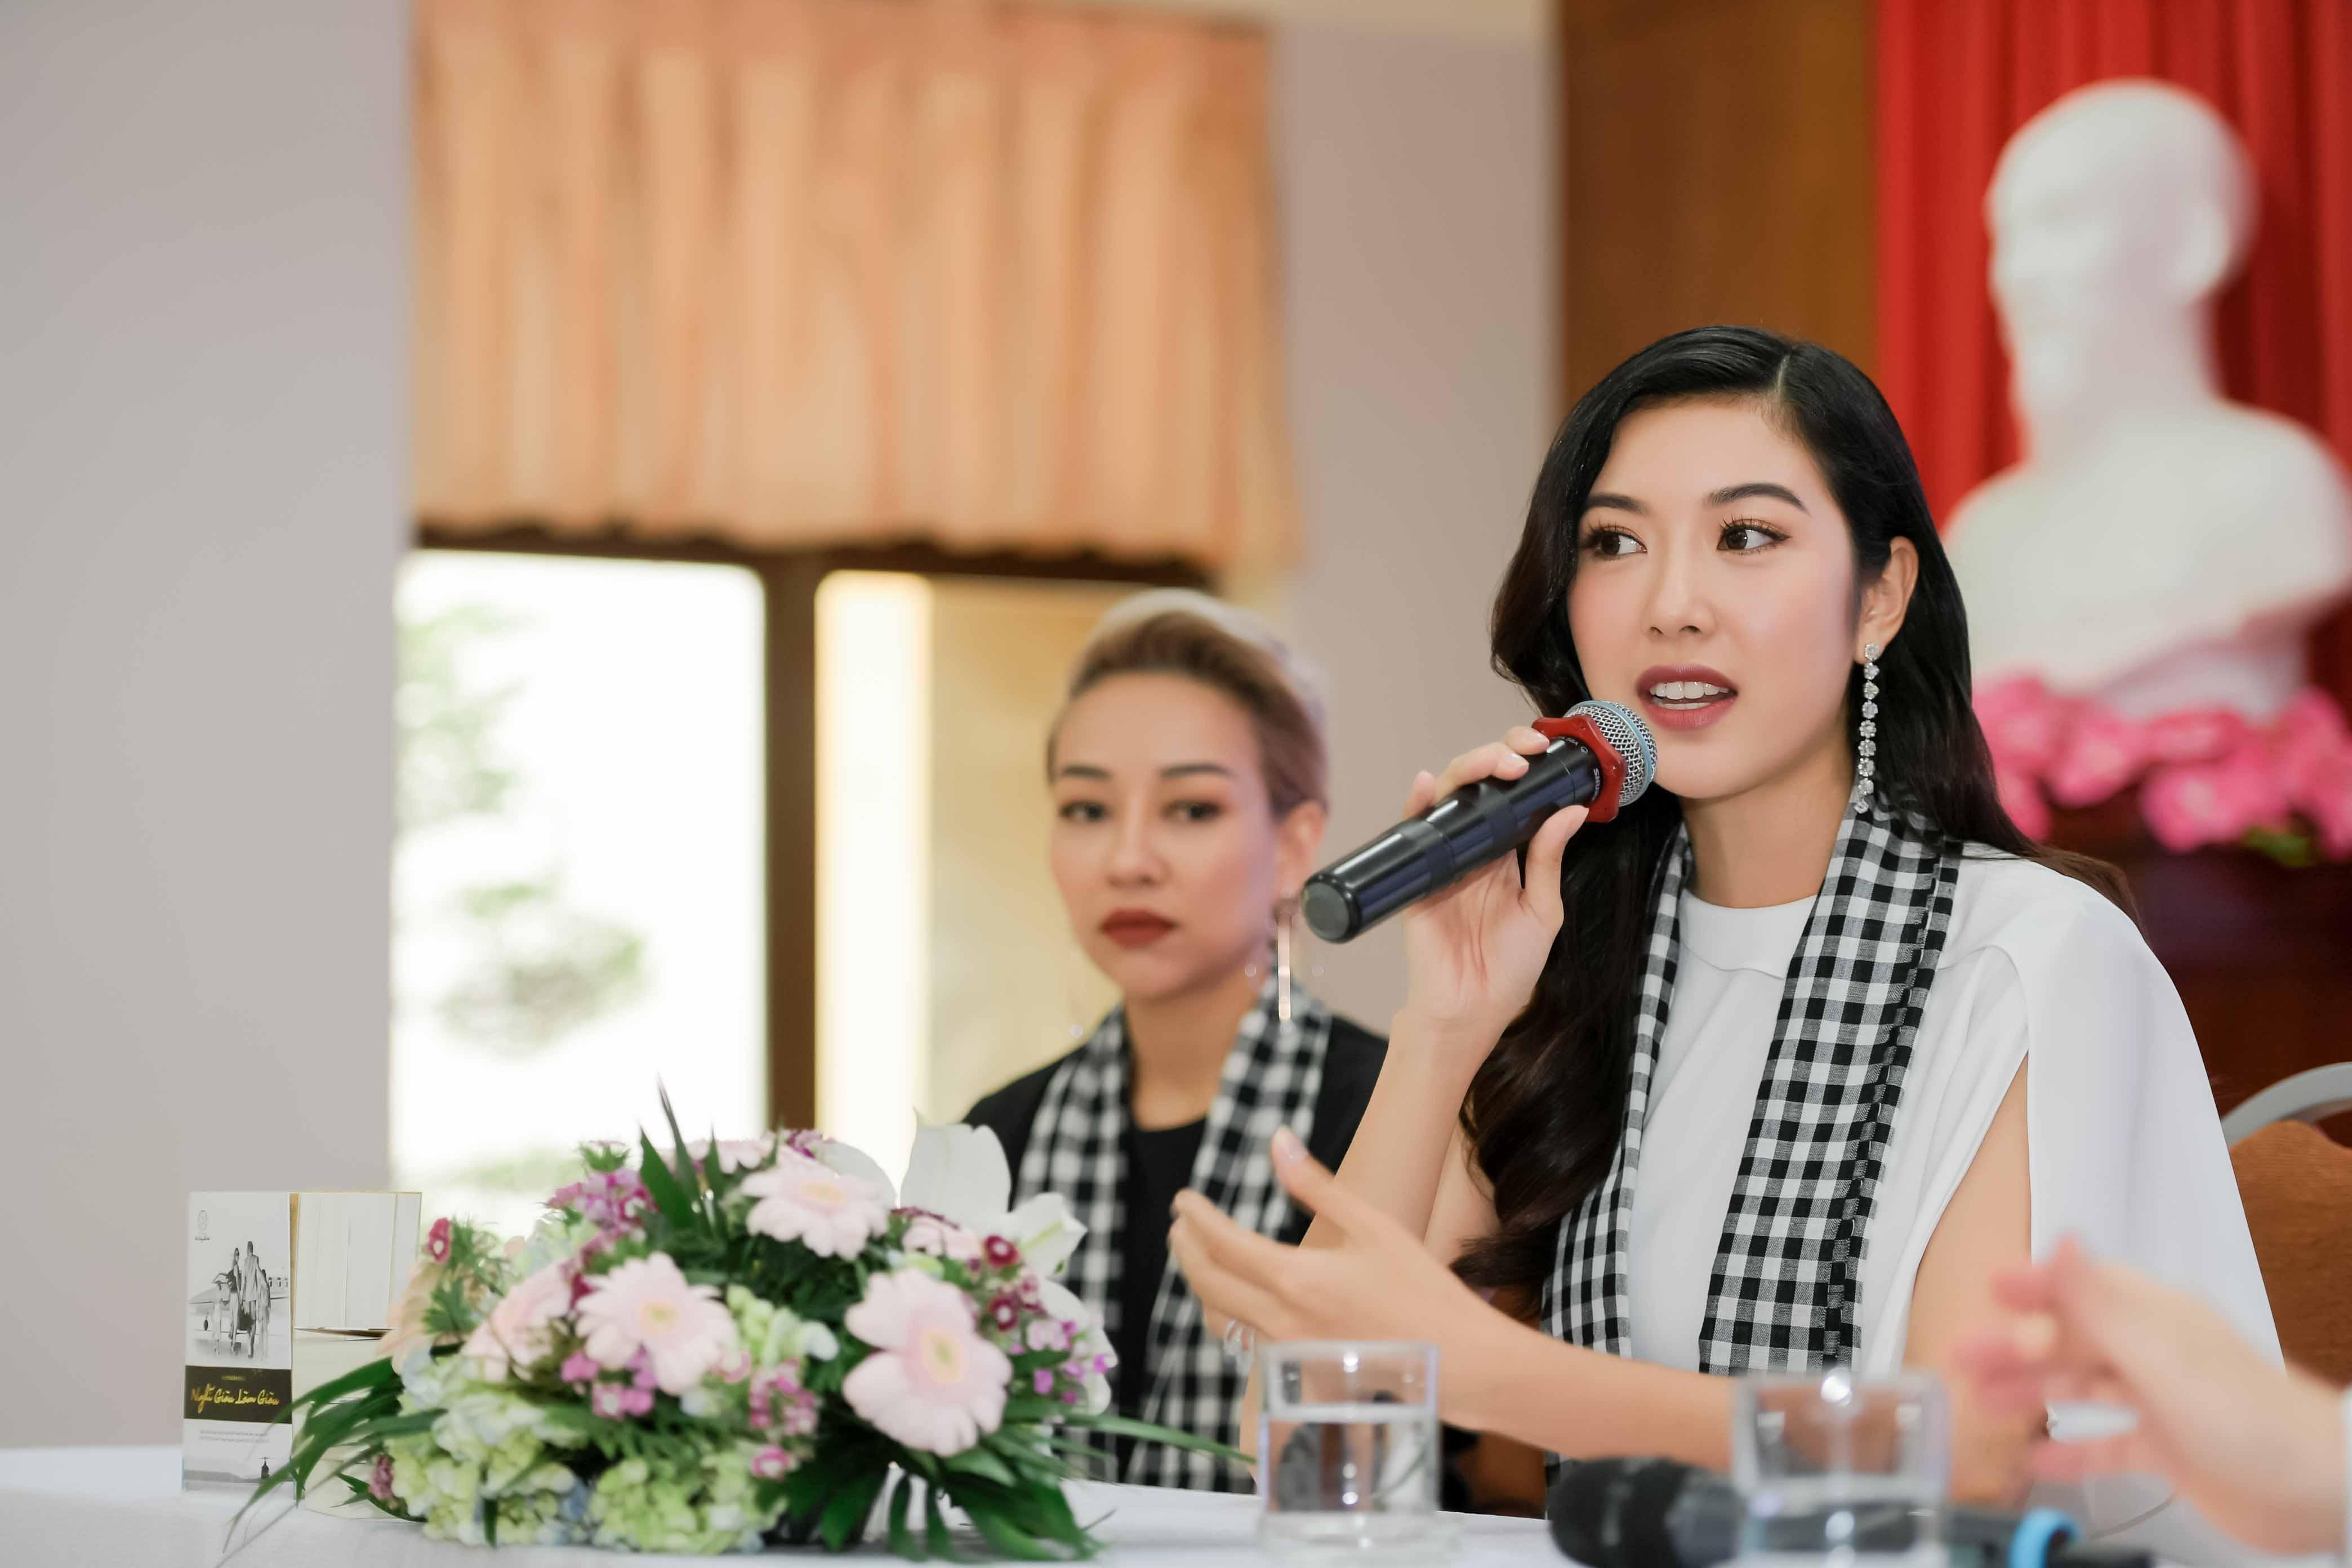 Thúy Vân, Ngọc Trân khoe nhan sắc nổi bật và chia sẻ bí quyết thành công với sinh viên 3